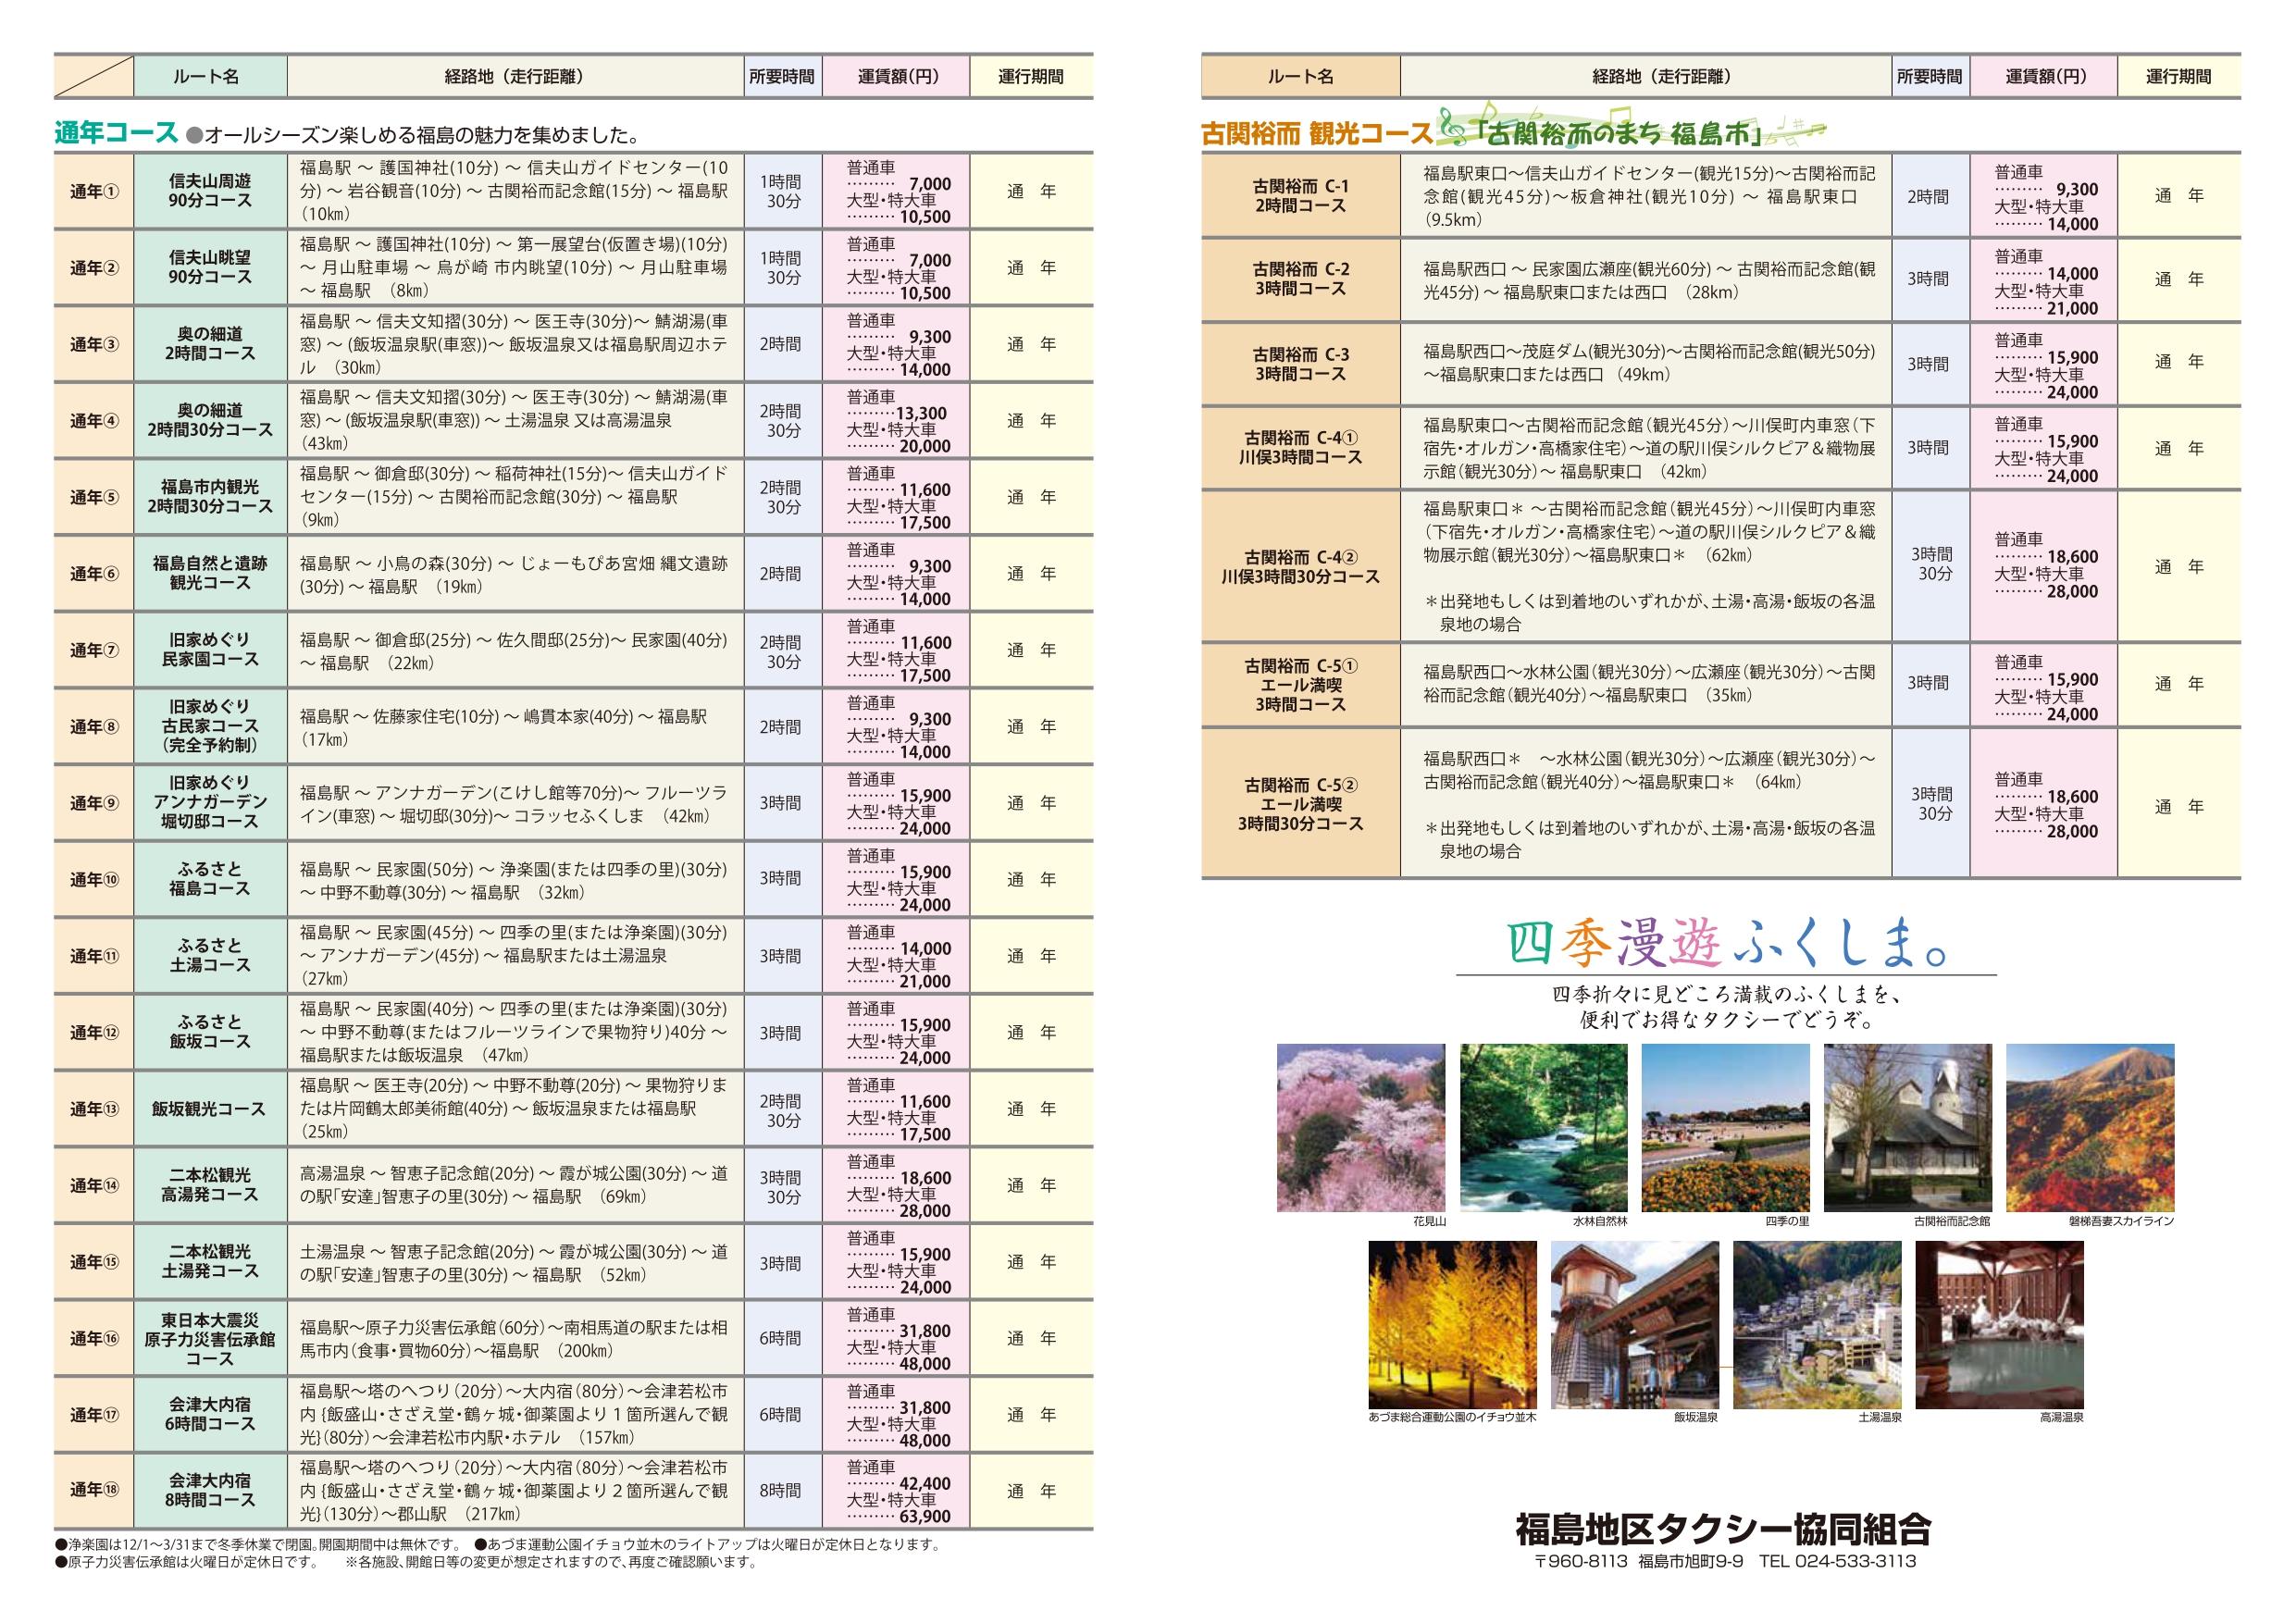 タクシーでまわる福島市観光ルートのご案内(通年・古関裕而)